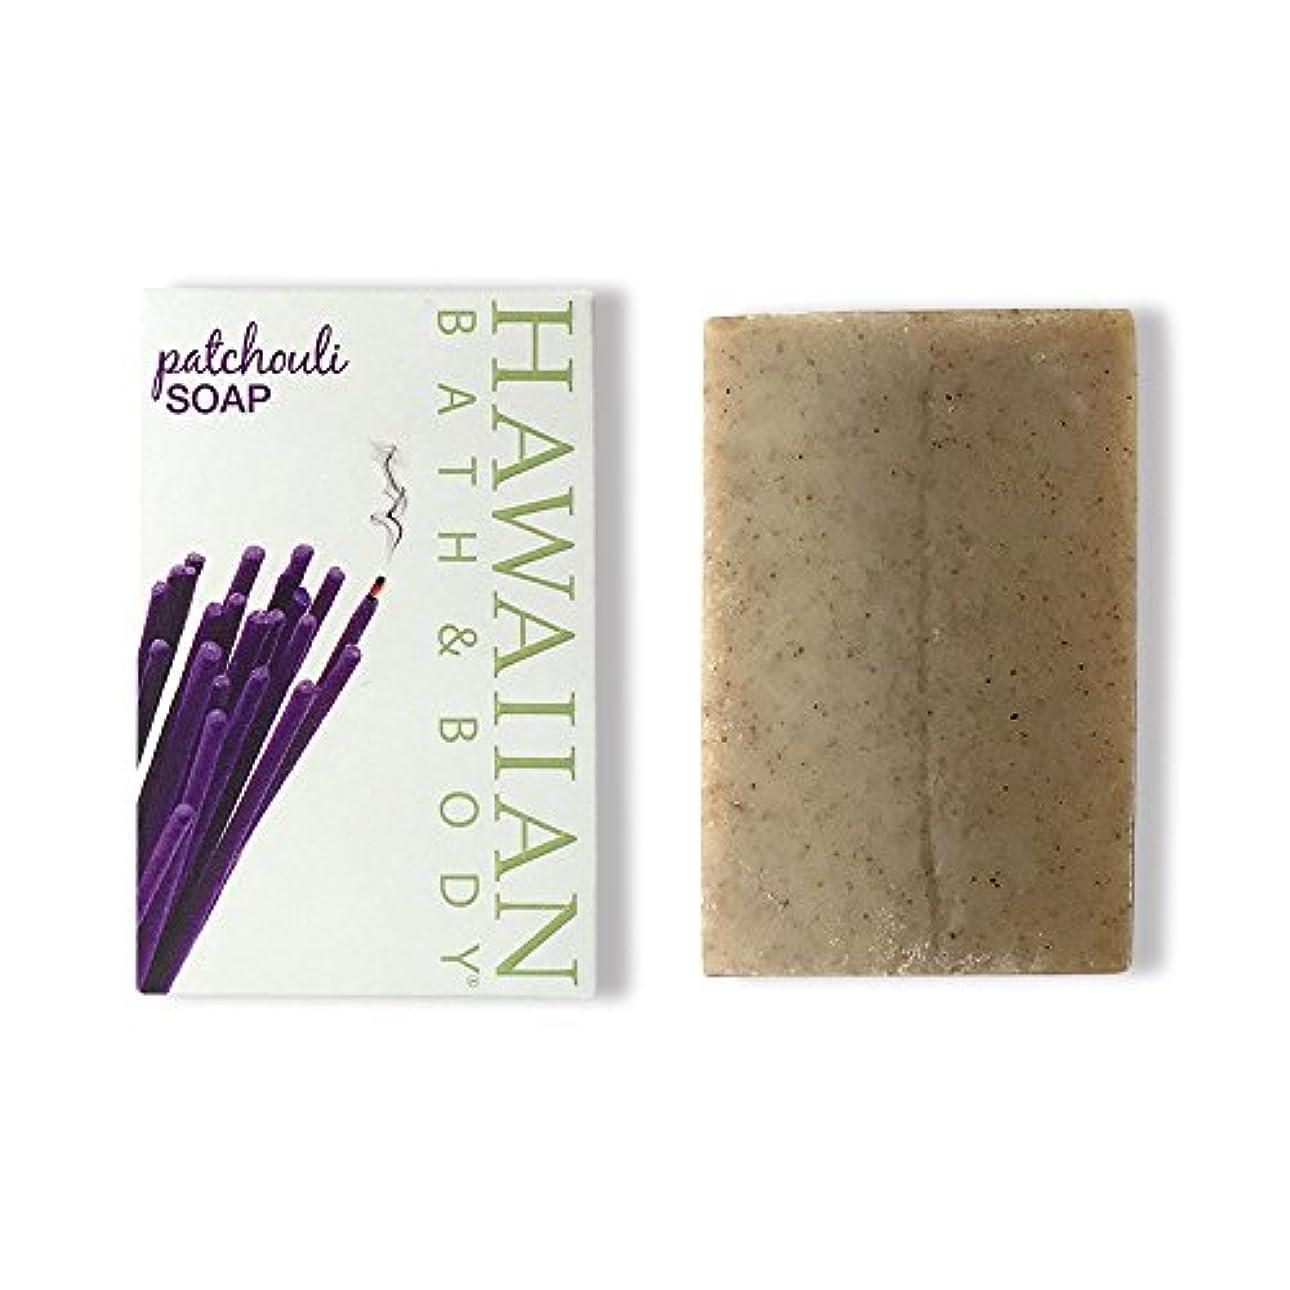 インフレーションカウント褐色ハワイアンバス&ボディ パチュリ?ナチュラルソープ ( Pachouli Soap )